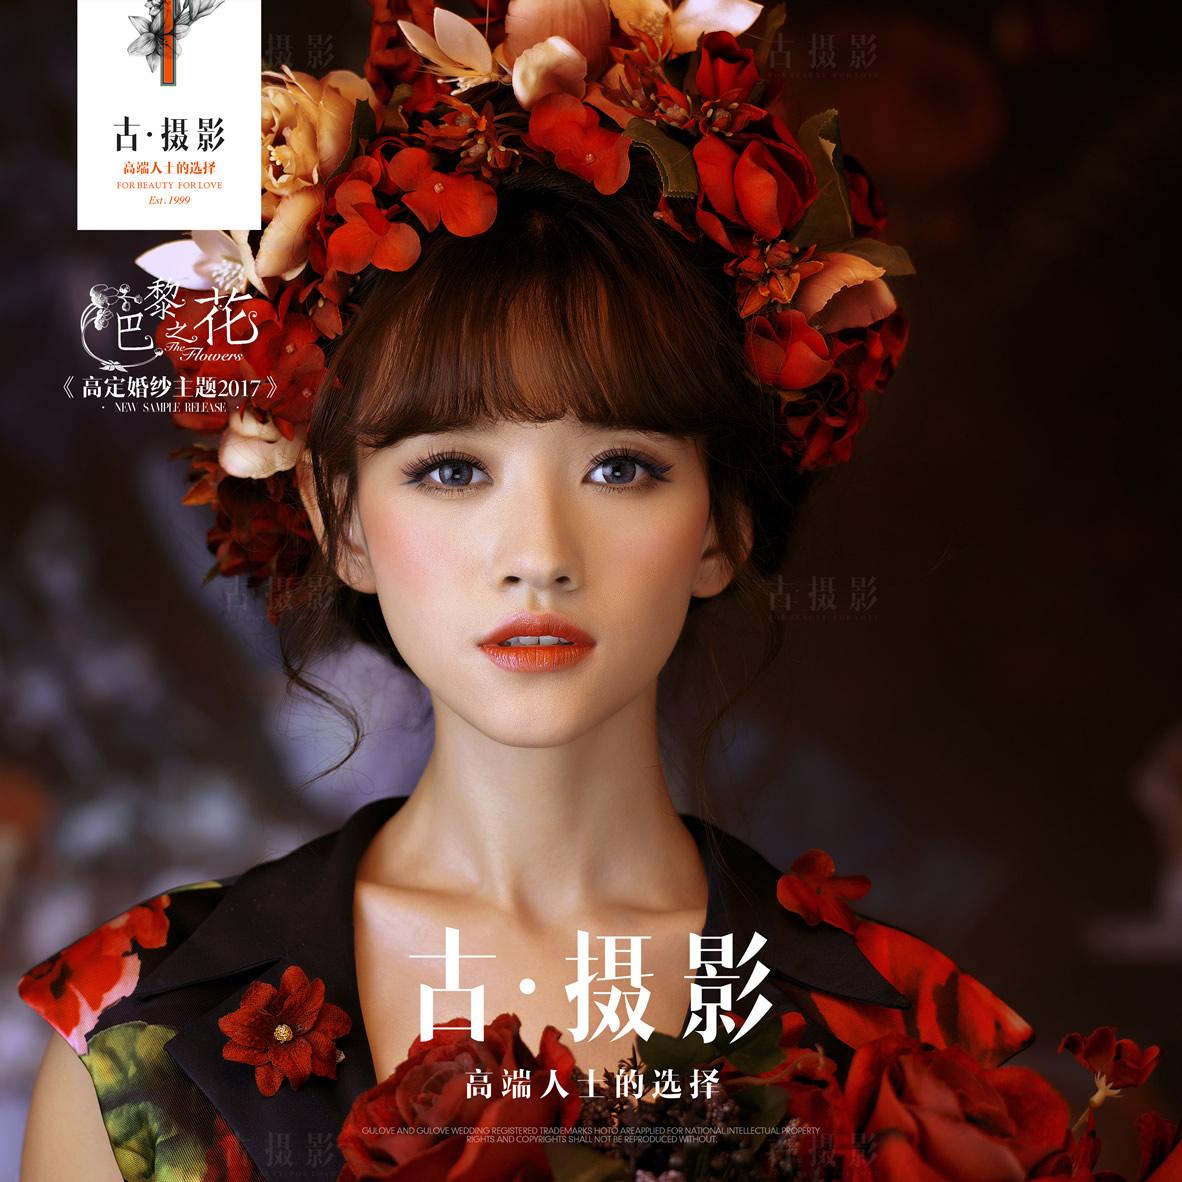 巴黎之花 - 明星范 - 广州婚纱摄影-广州古摄影官网